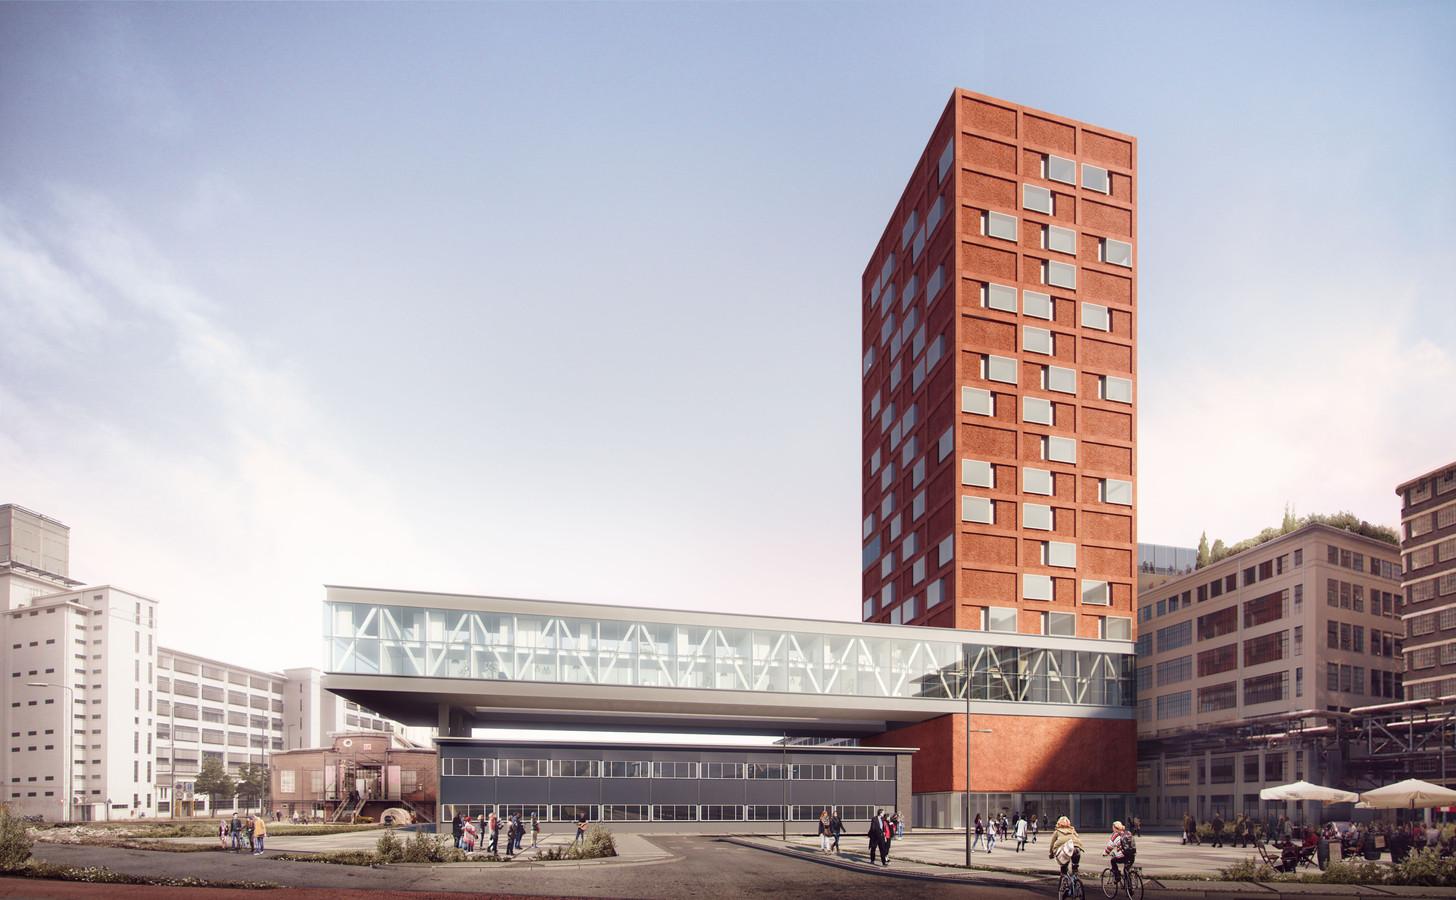 Een impressie van de woontoren Haasje Over van corporatie Trudo, momenteel in aanbouw op Strijp-S in Eindhoven. Een ontwerp van VMX Architecten.